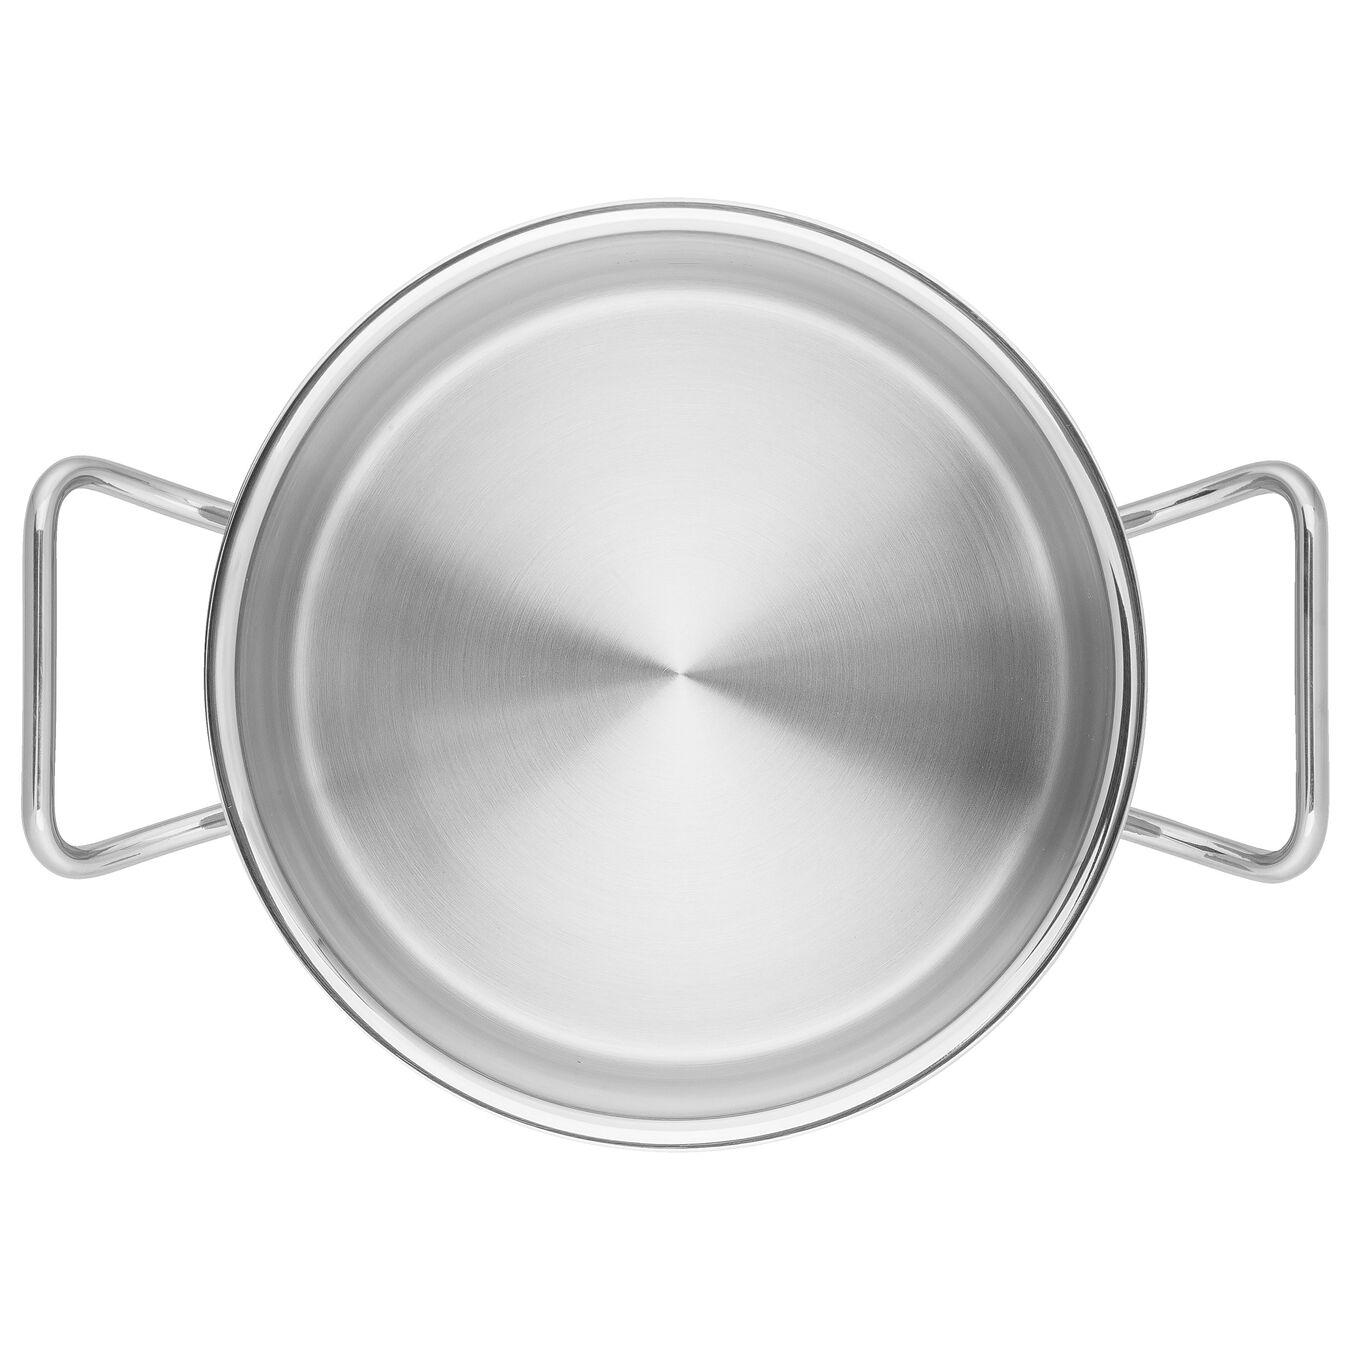 Casseruola - 16 cm, 18/10 acciaio inossidabile,,large 6